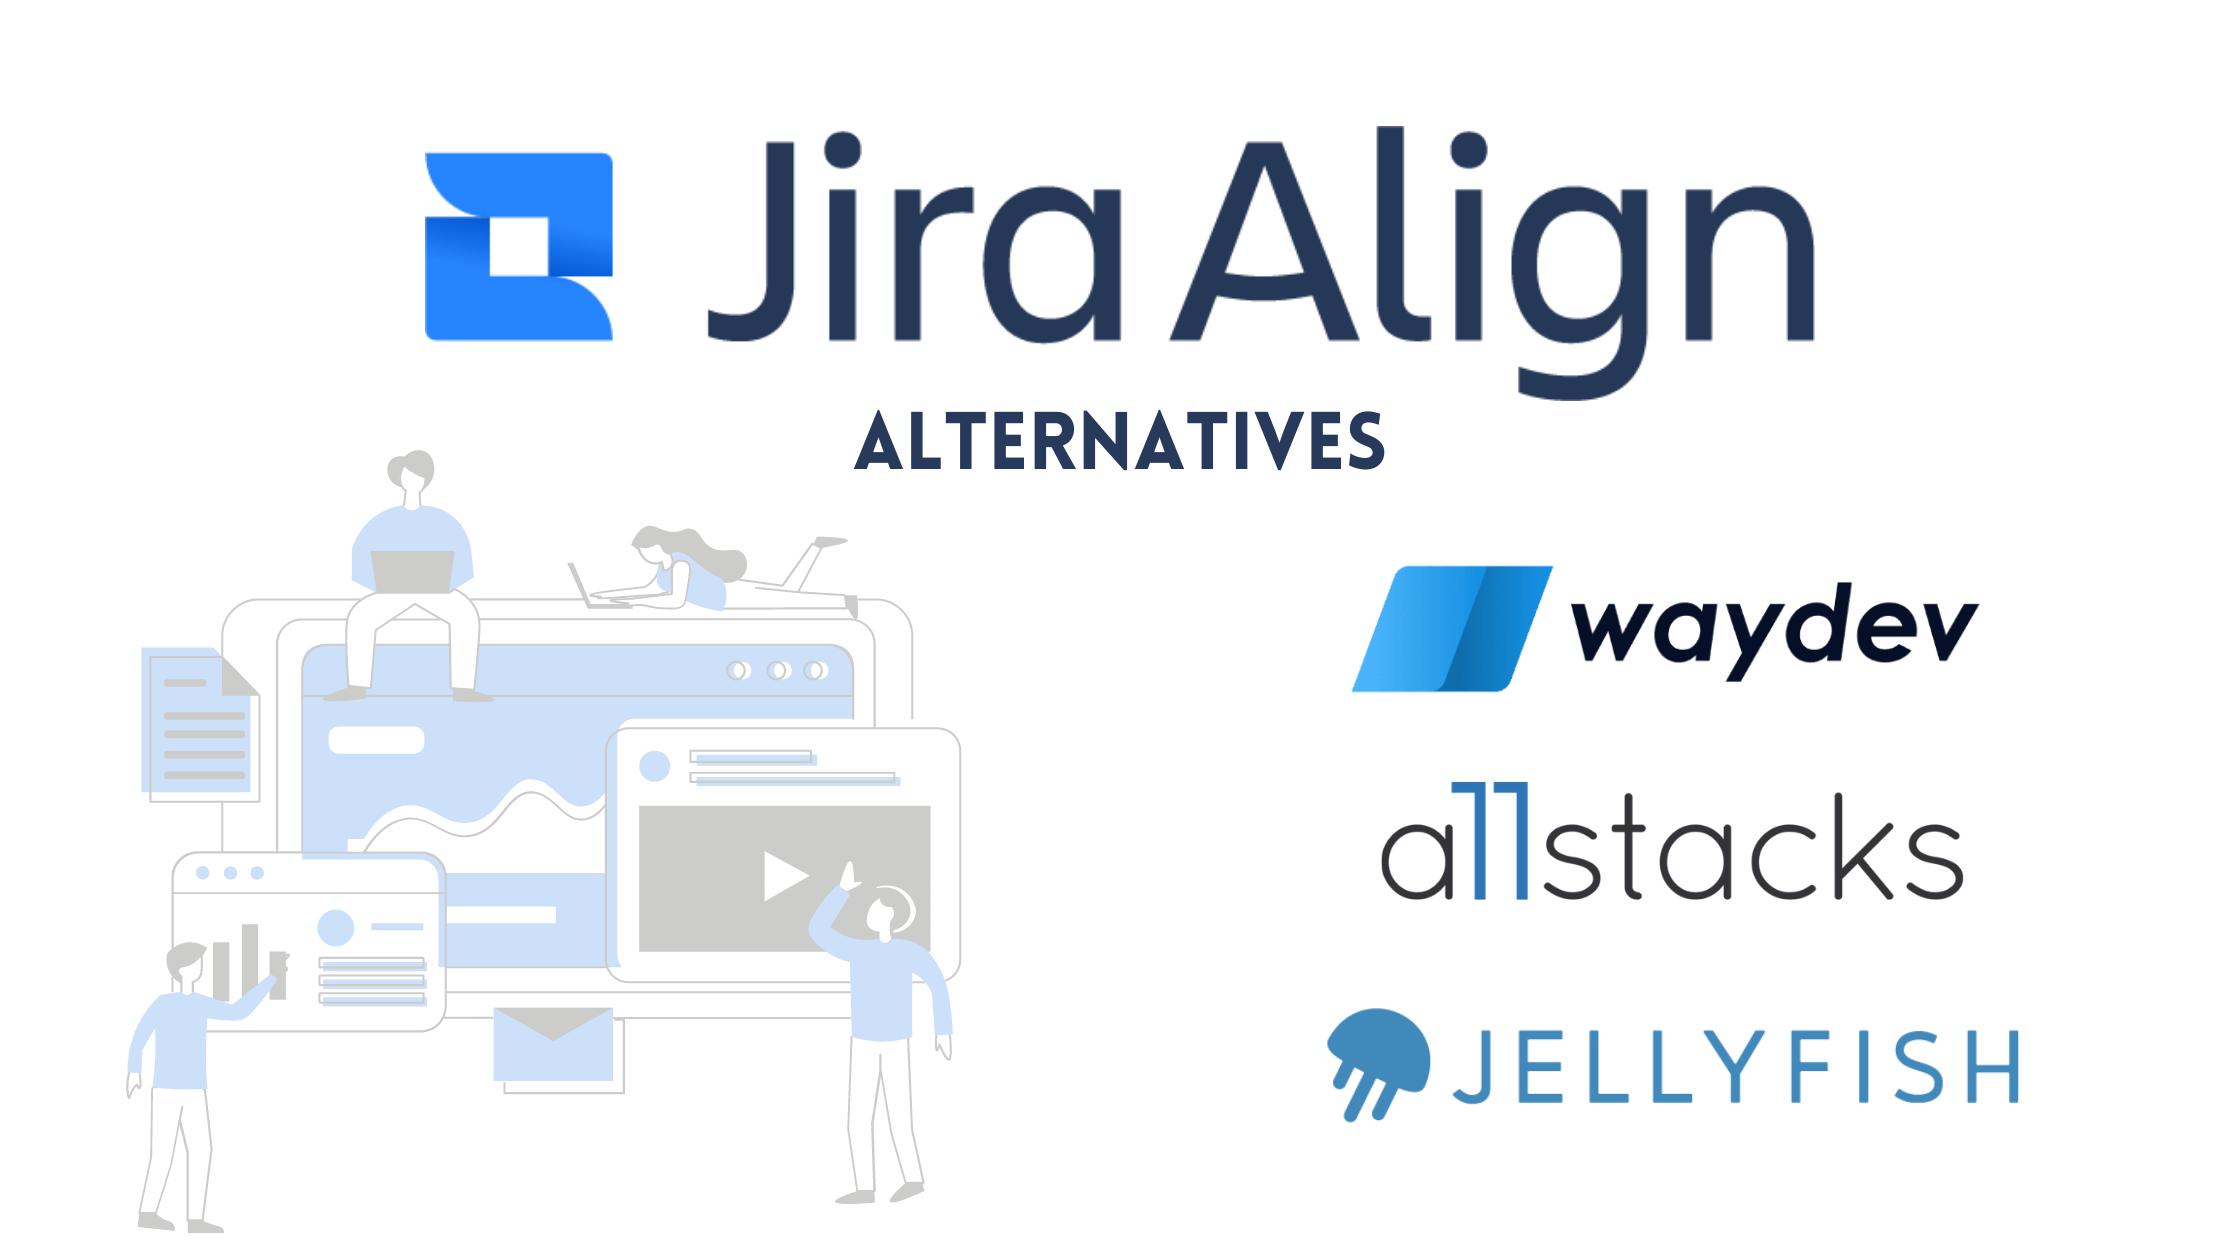 Jira Align alternatives